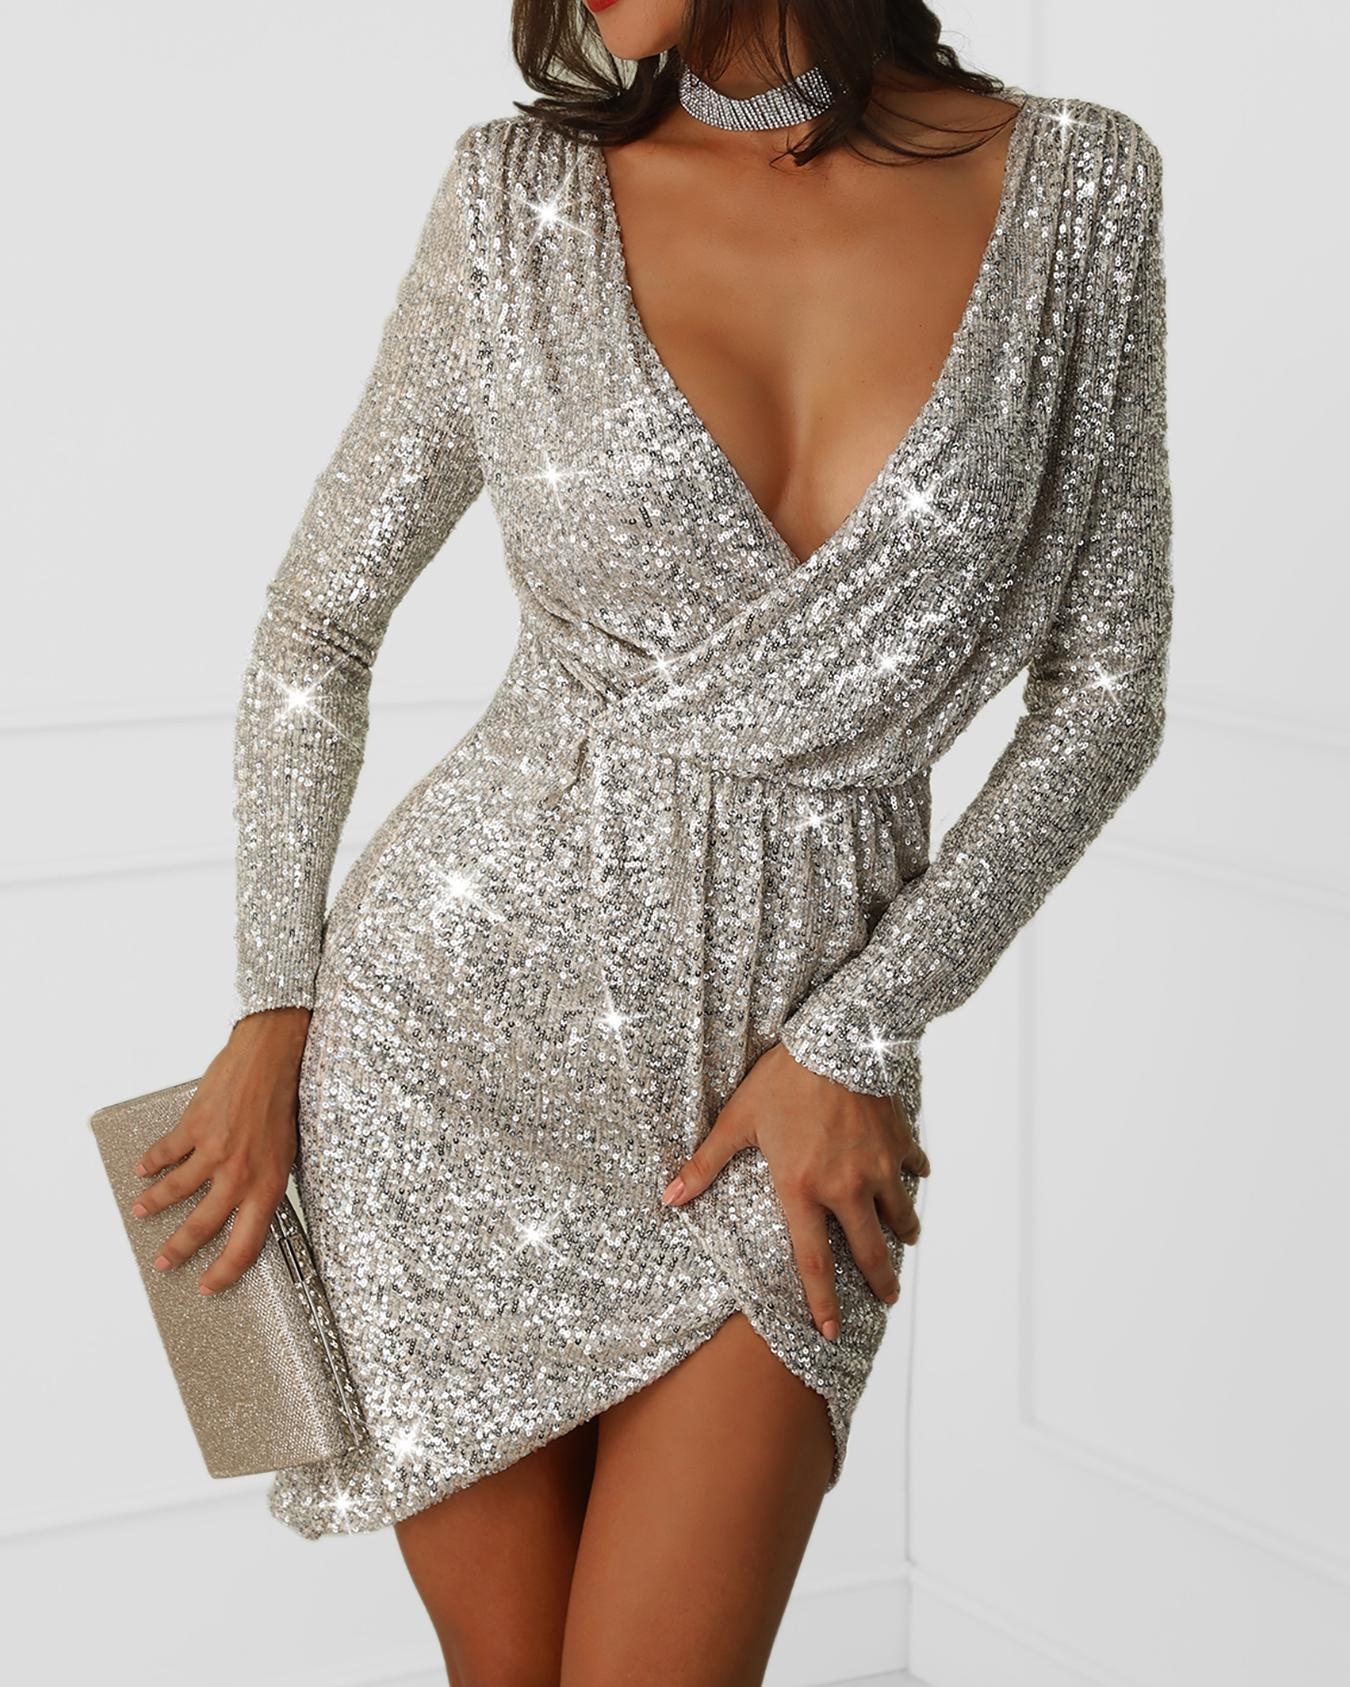 Платье Блестящее Короткое С Рукавами